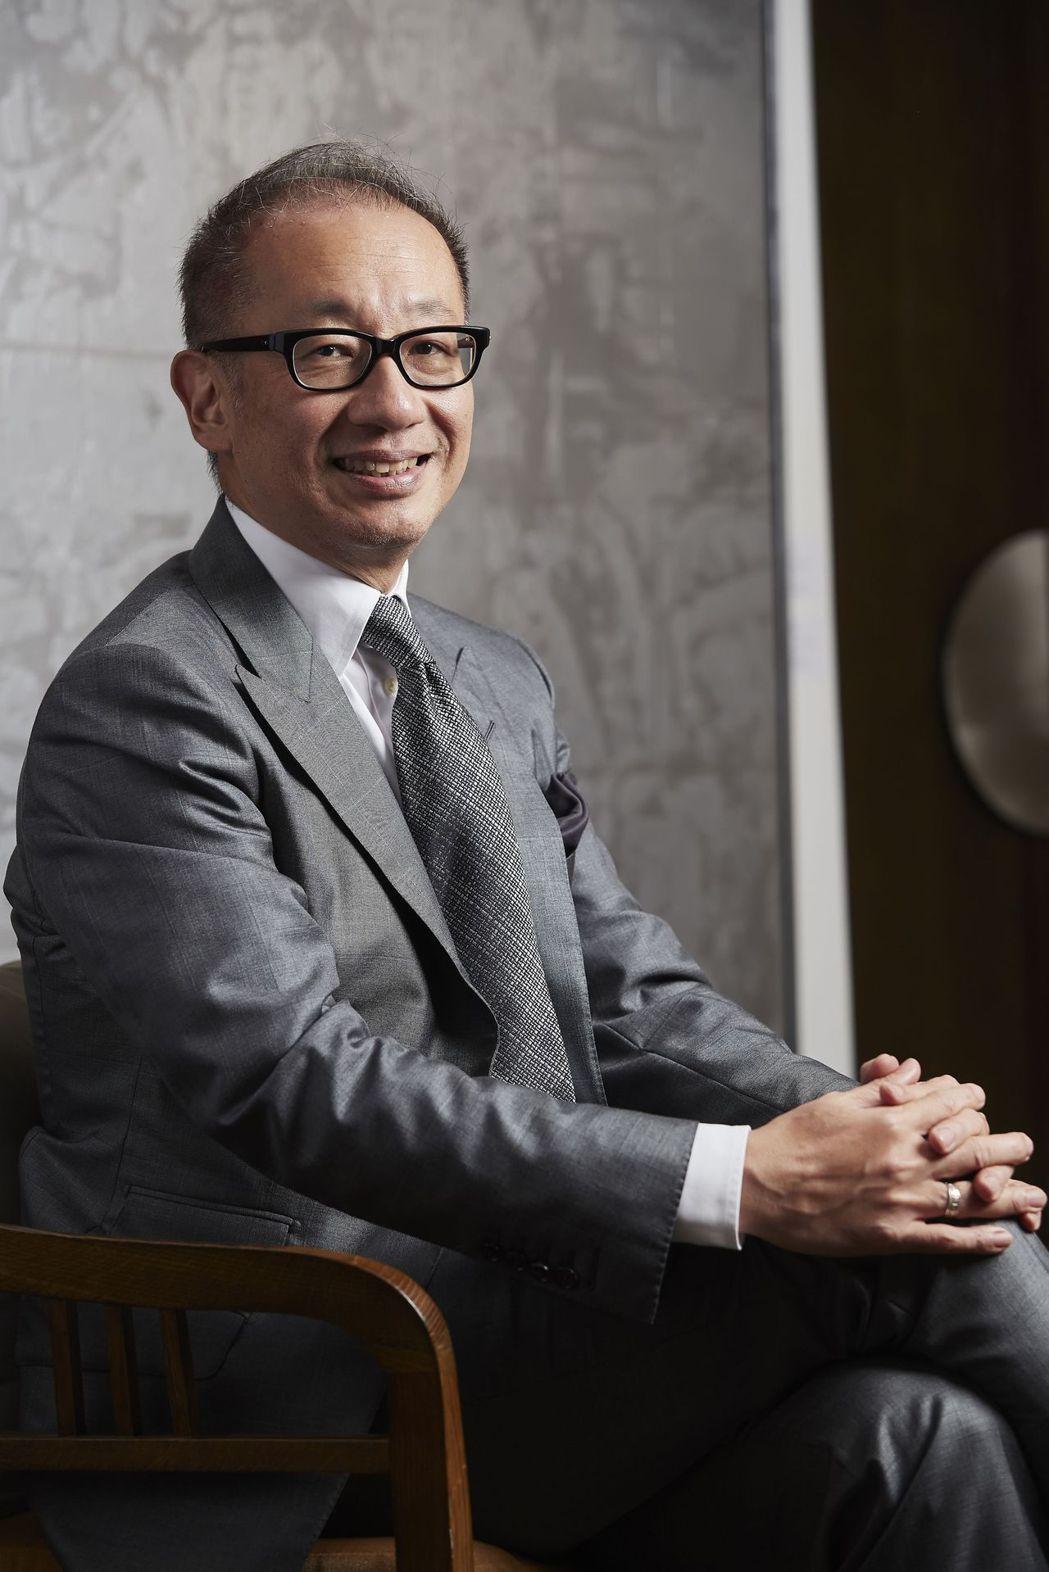 晶華國際酒店集團潘思亮董事長,榮獲2021年優良觀光產業及從業人員「最佳負責人」...